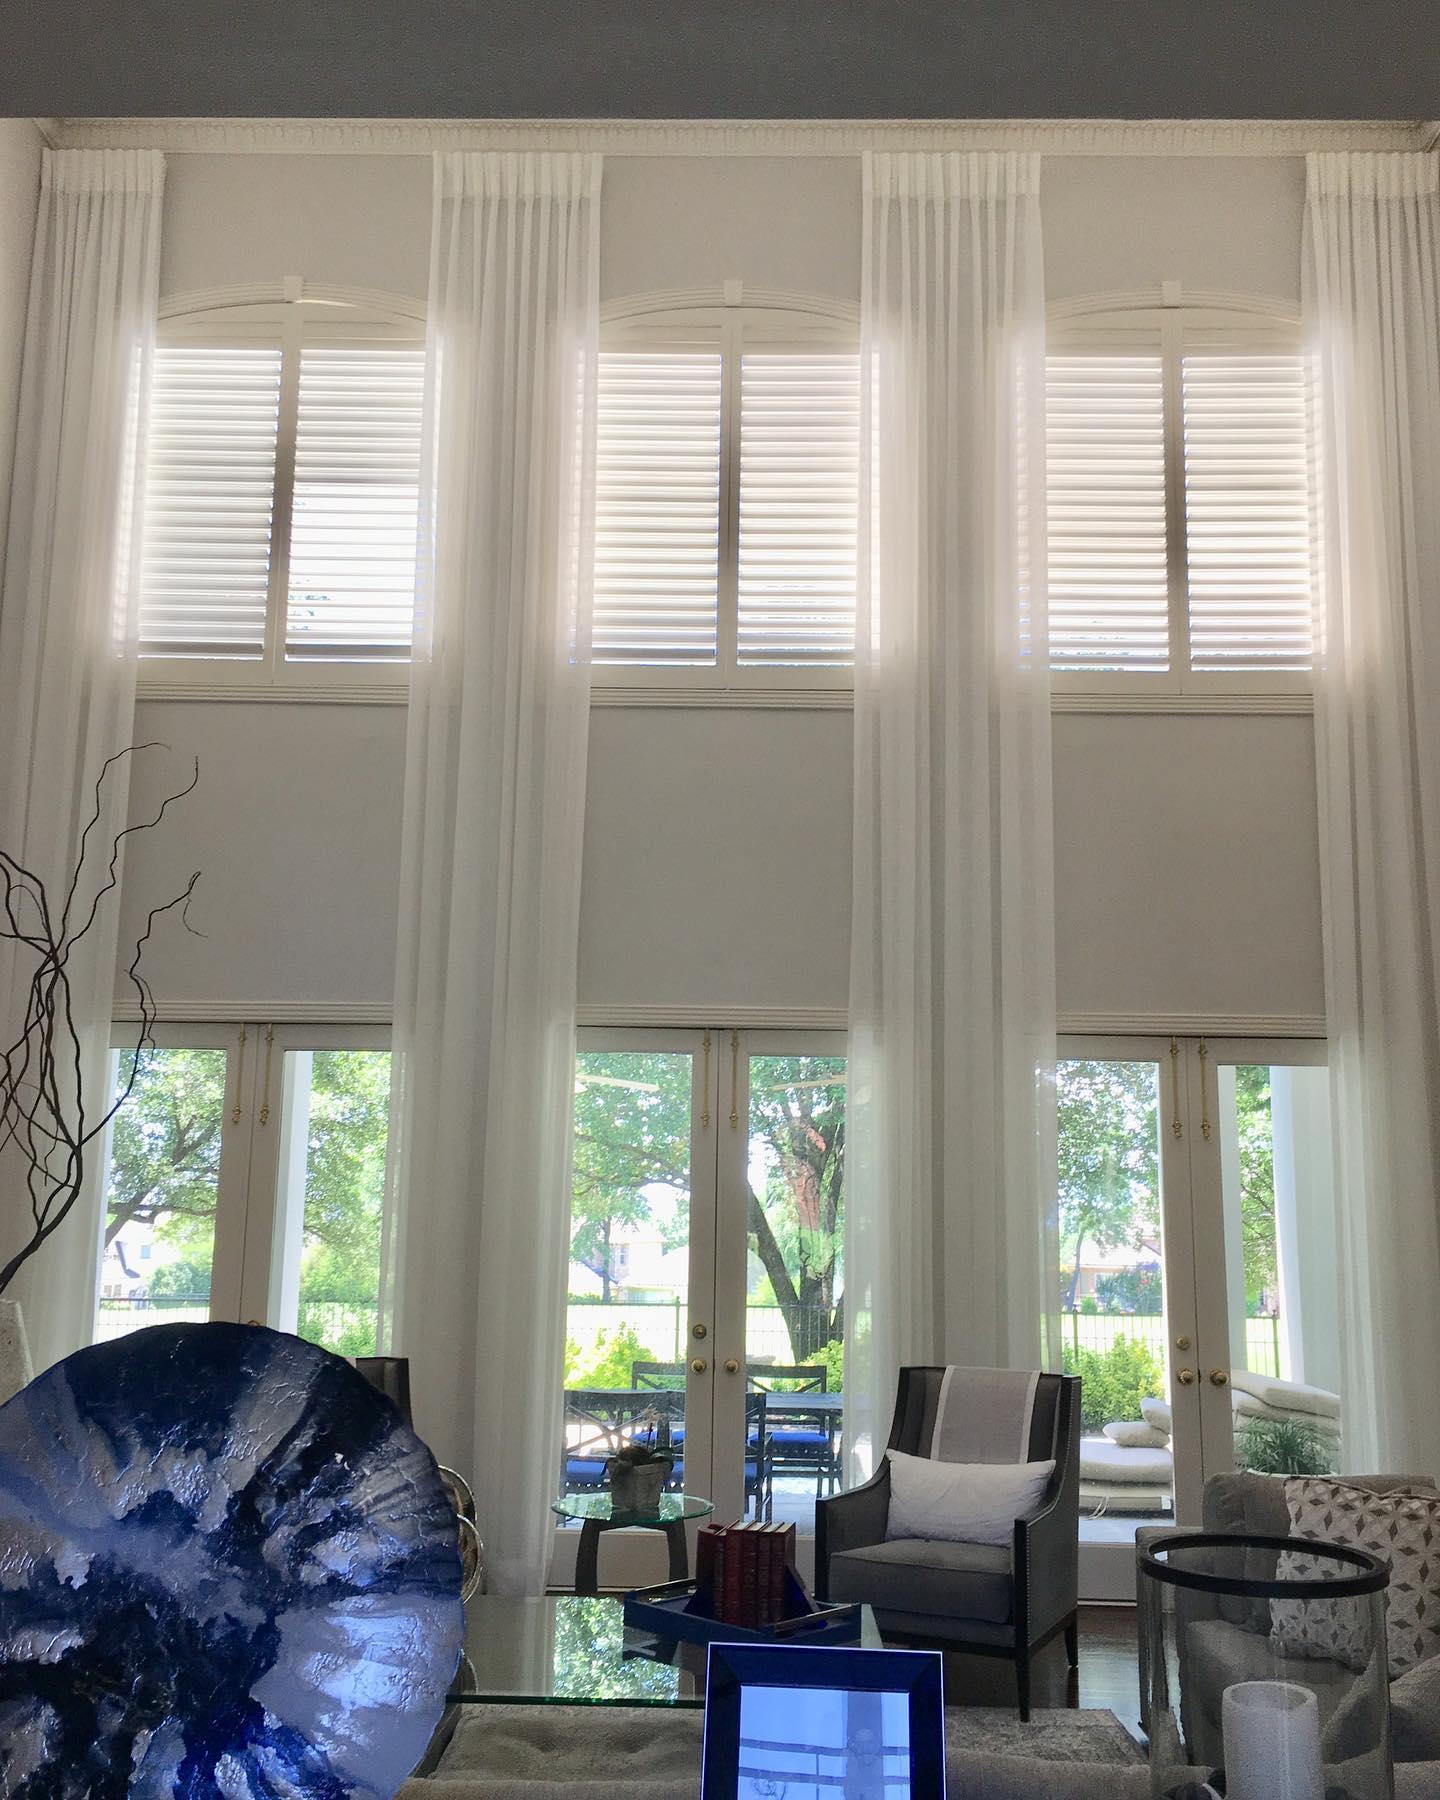 High Ceilings With Custom Curtains